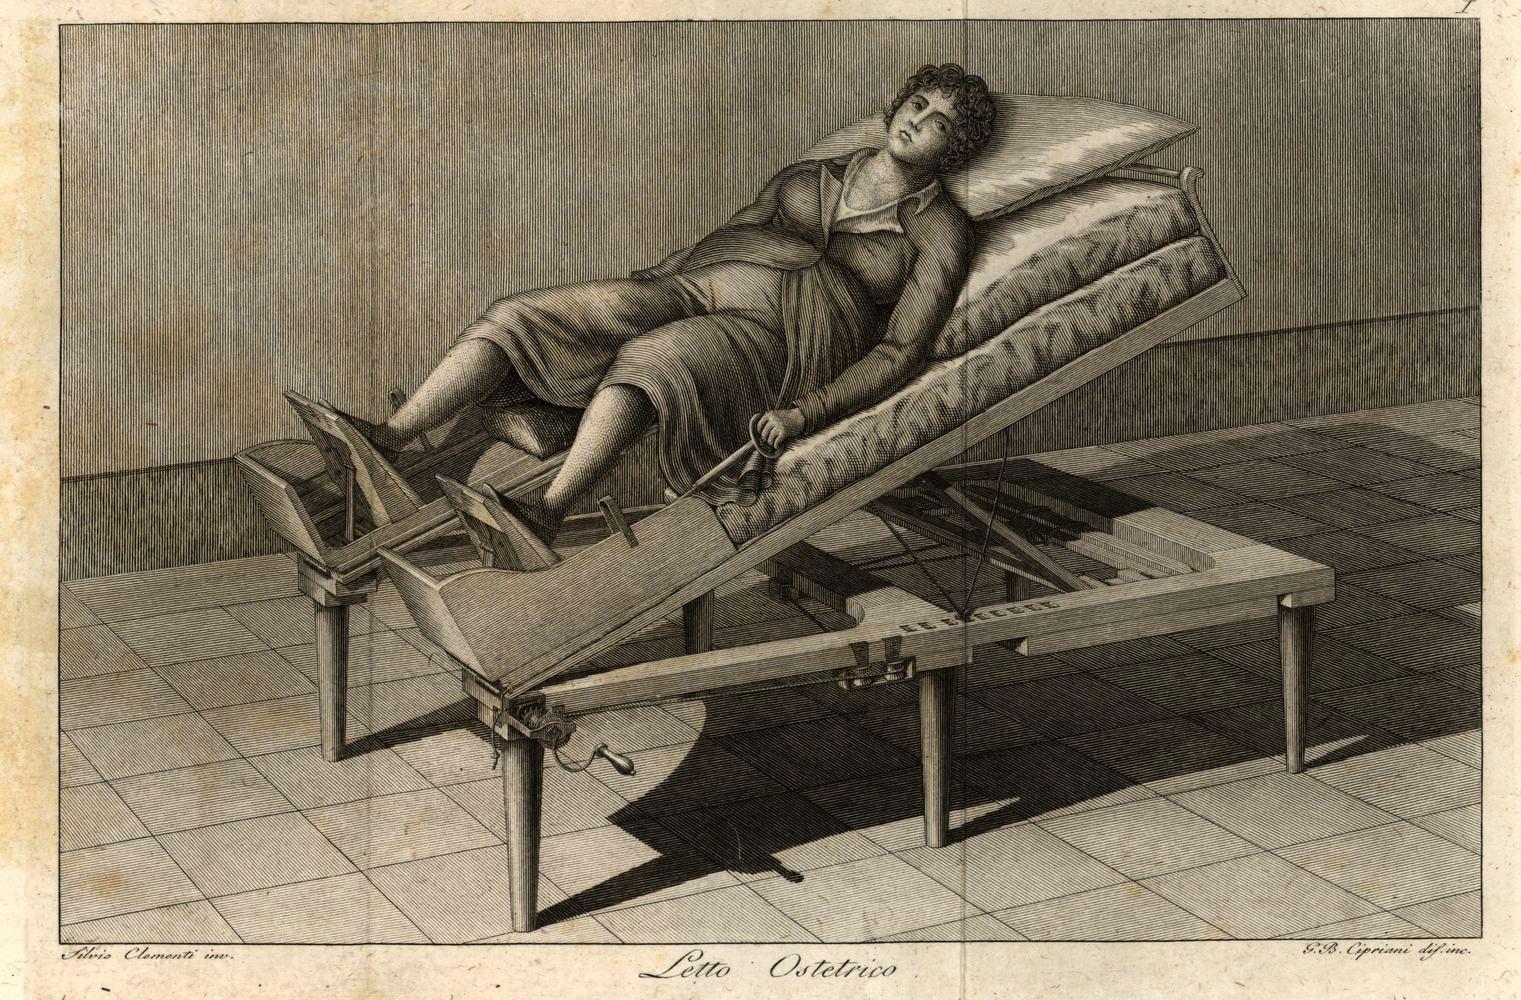 Letto ostetrico macchina ospedale invenzione